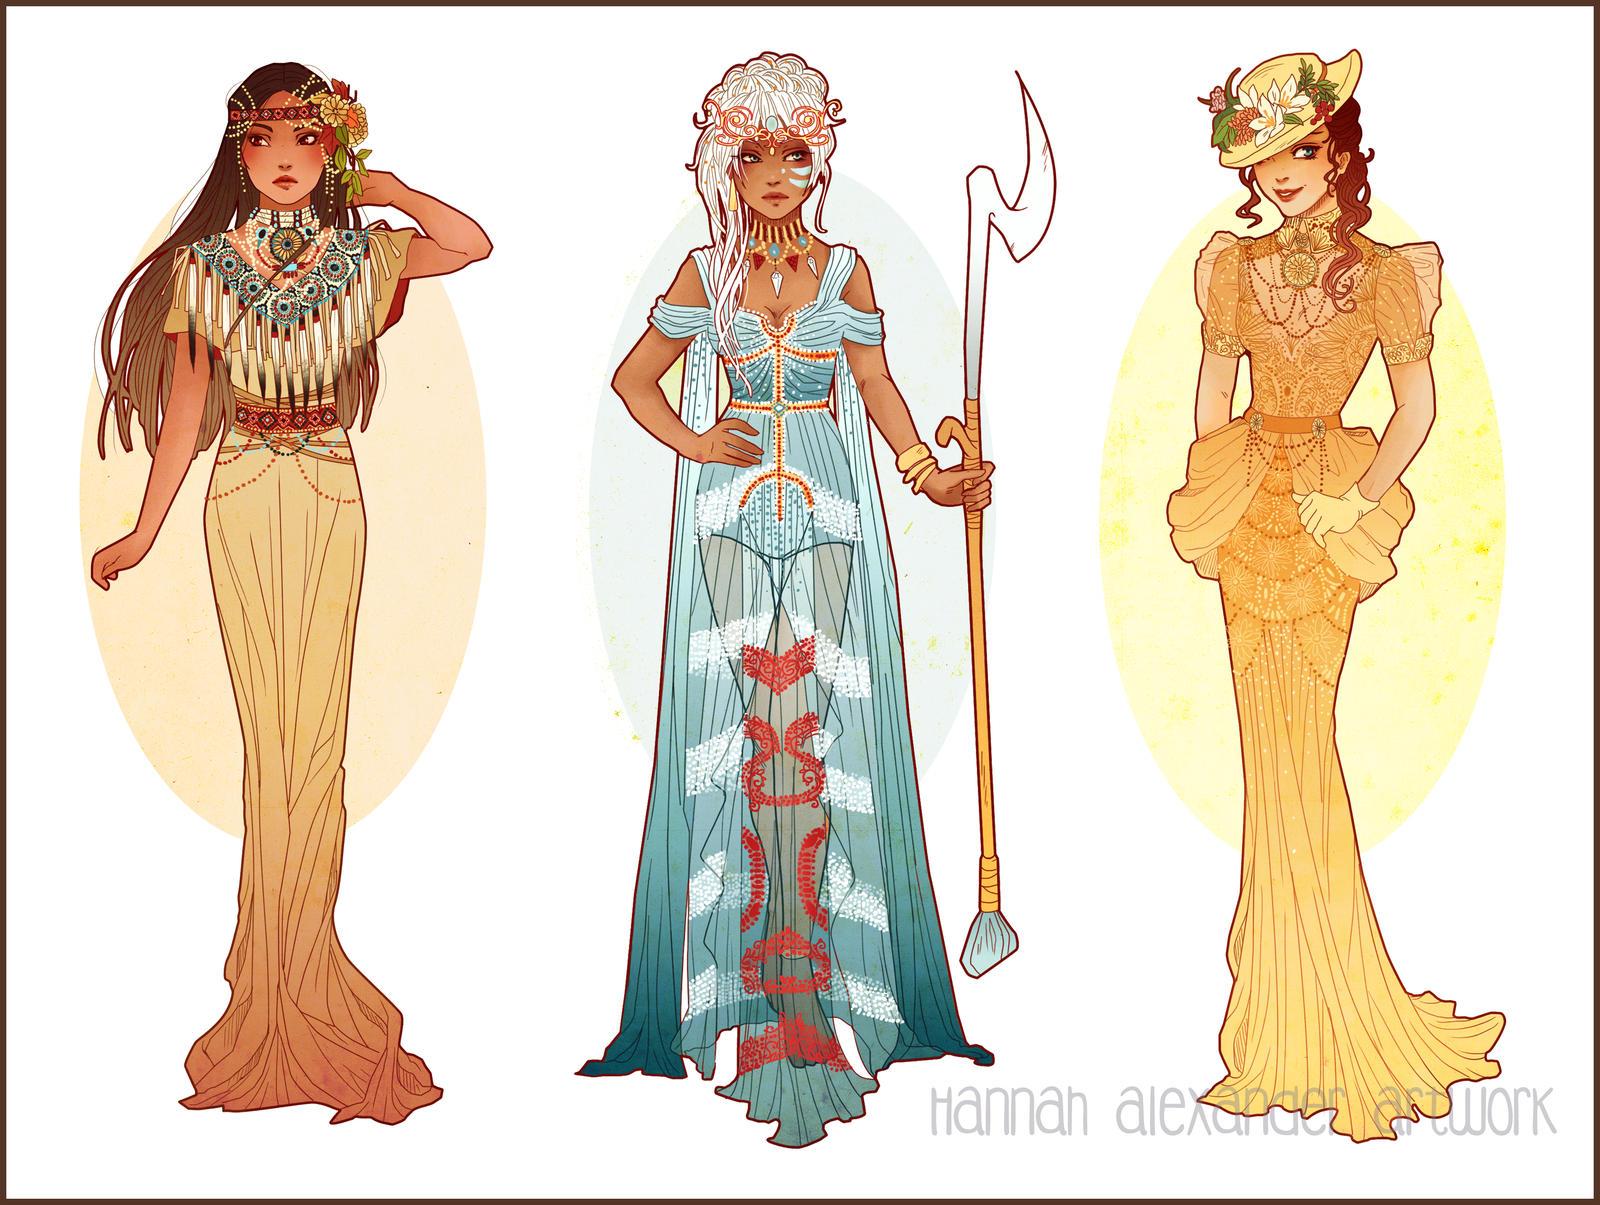 Art Nouveau Costume Designs IV by Hannah-Alexander